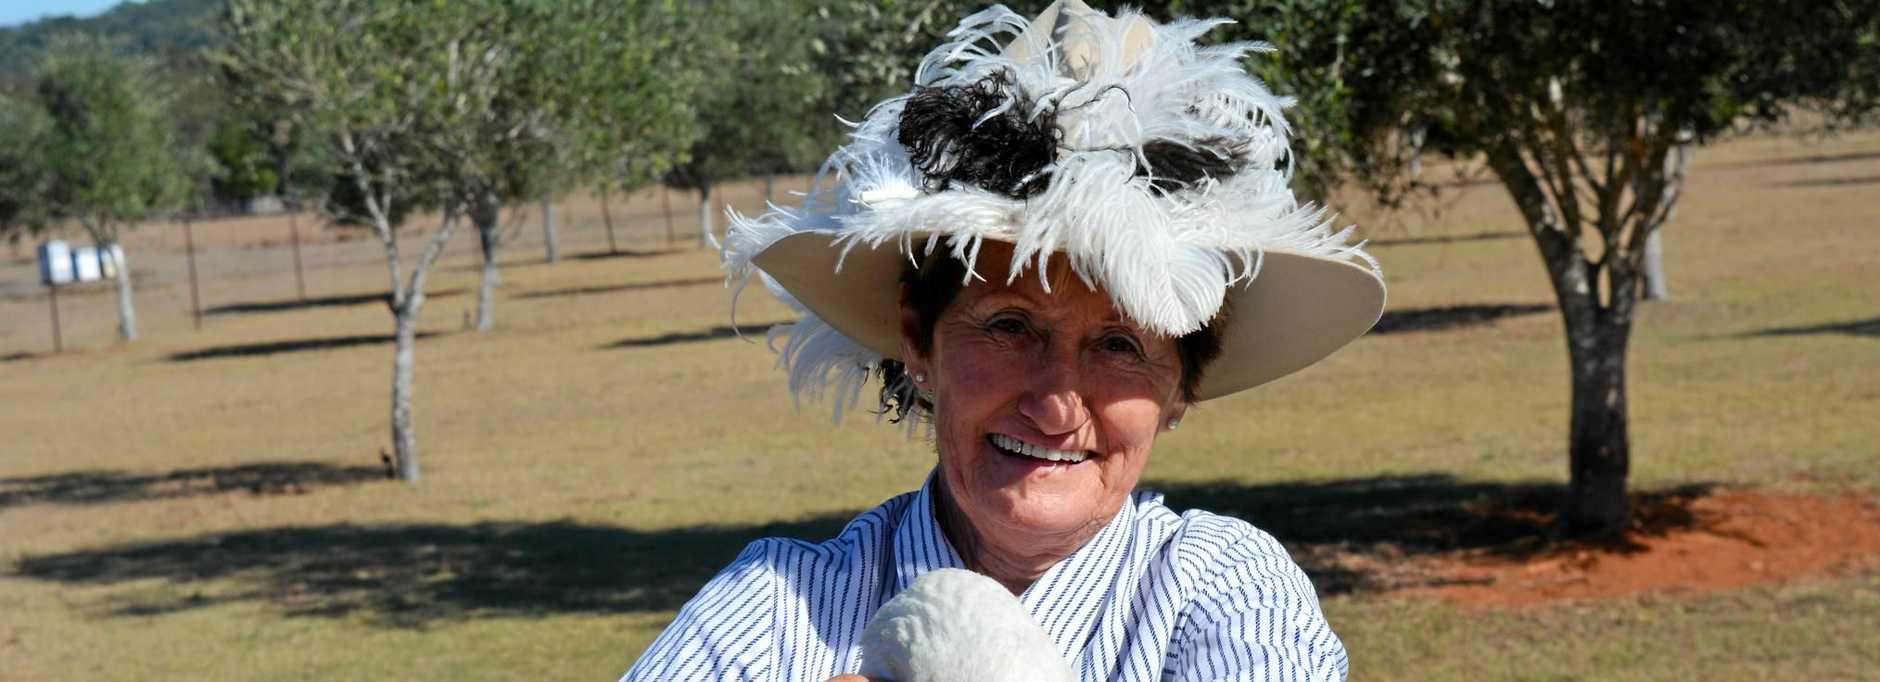 Brisbane Valley Ostrich and Fish Farm owner Patti Jaenke with 'Duck' the gander.